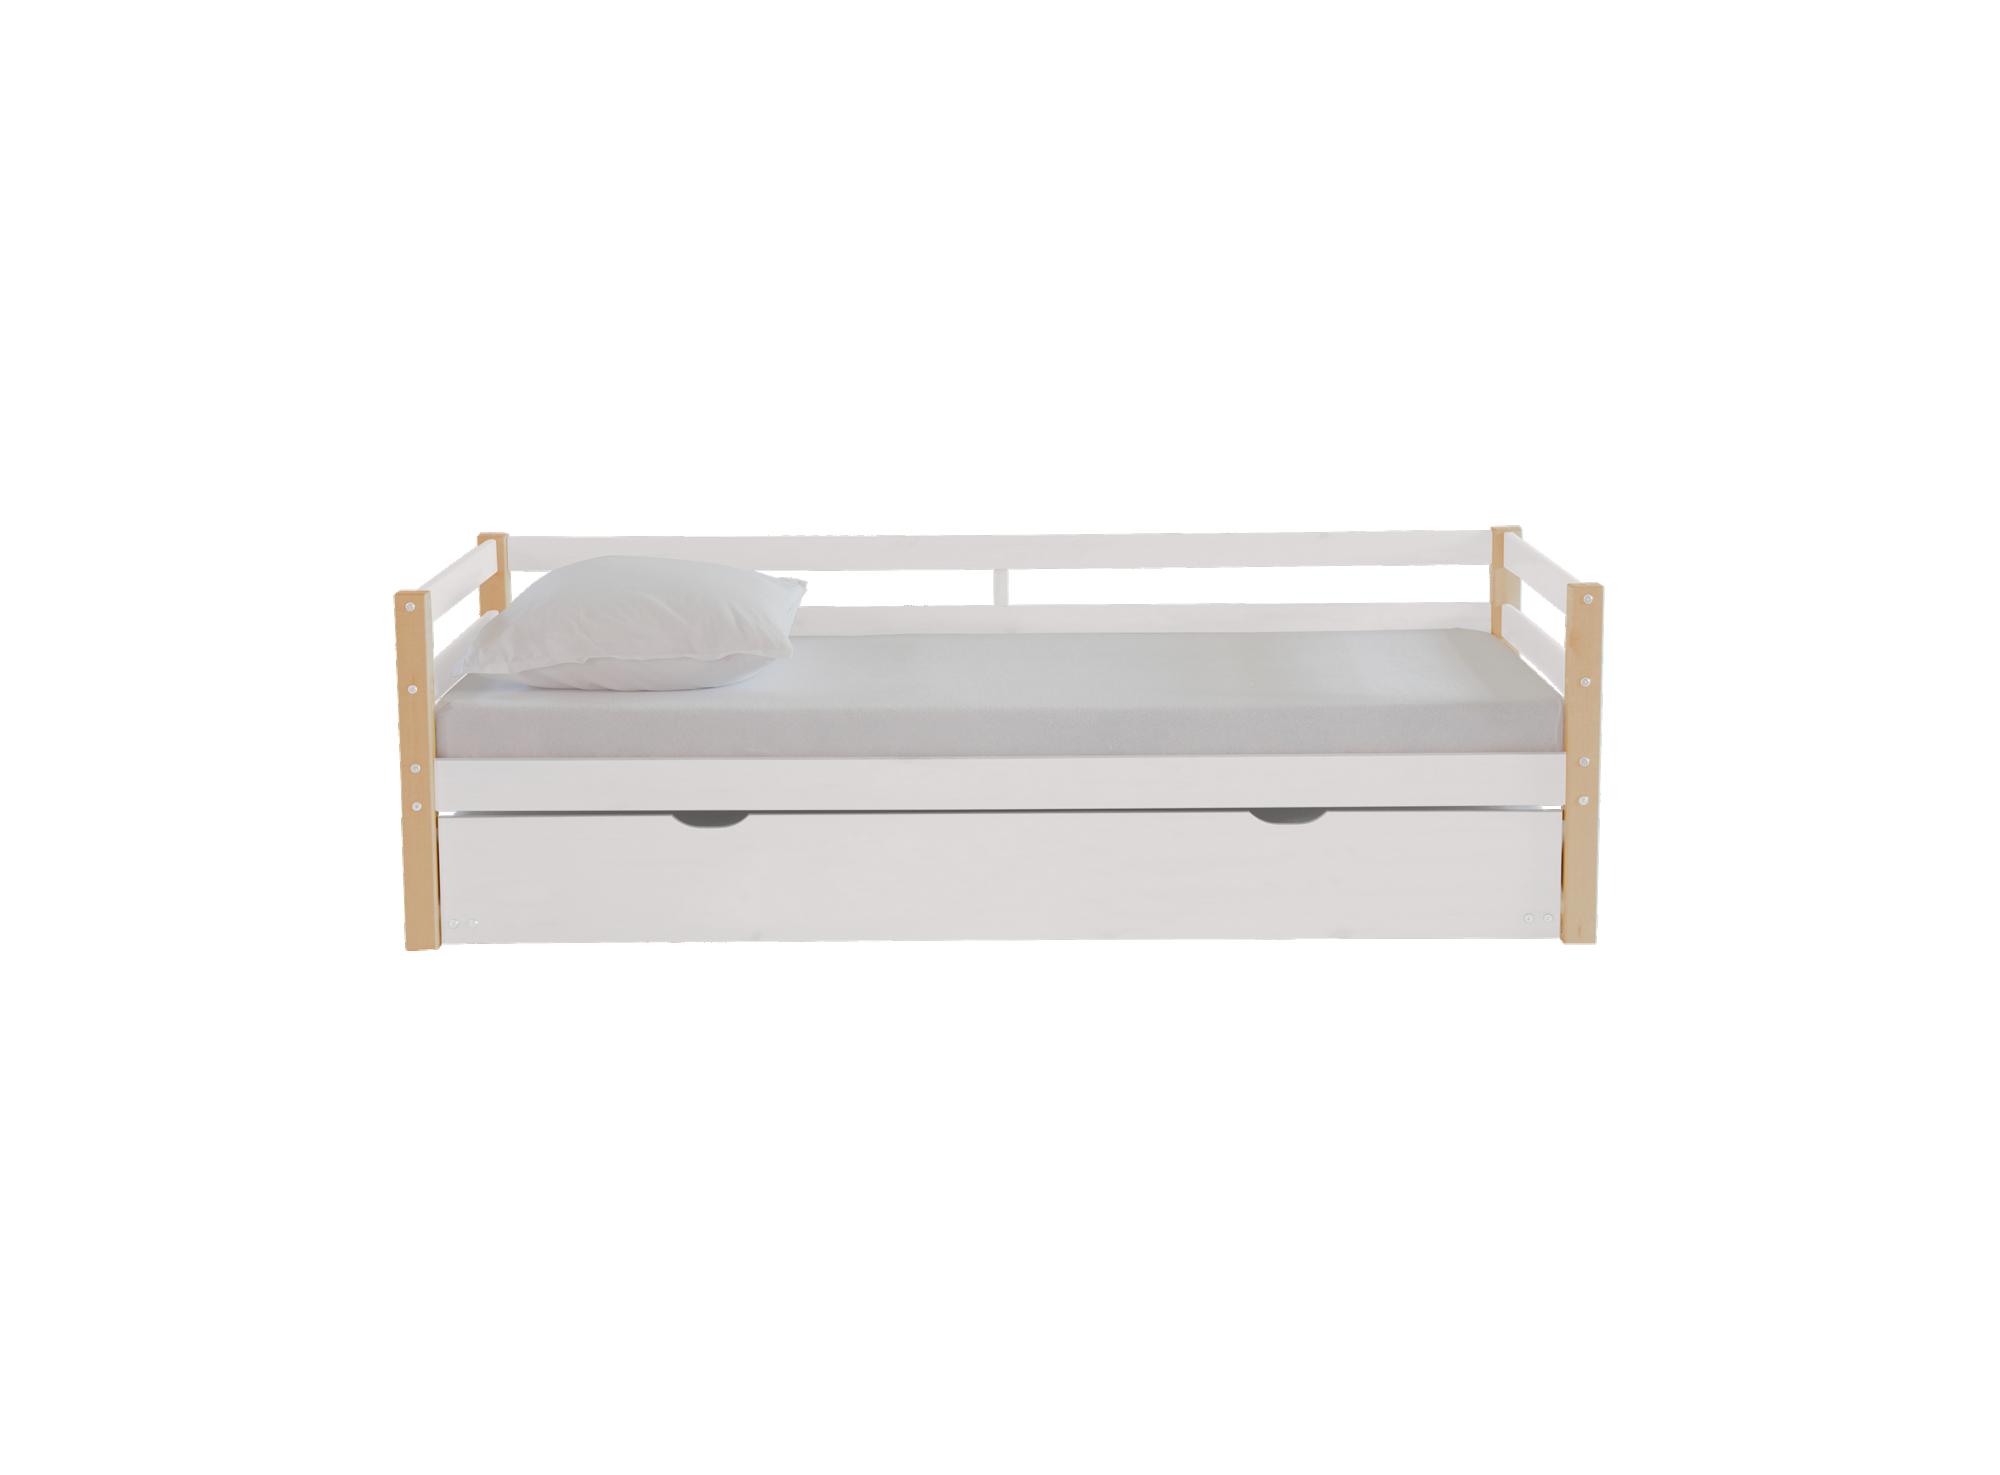 lit gigogne 90x190 cm pin blanc pieds naturel fly. Black Bedroom Furniture Sets. Home Design Ideas